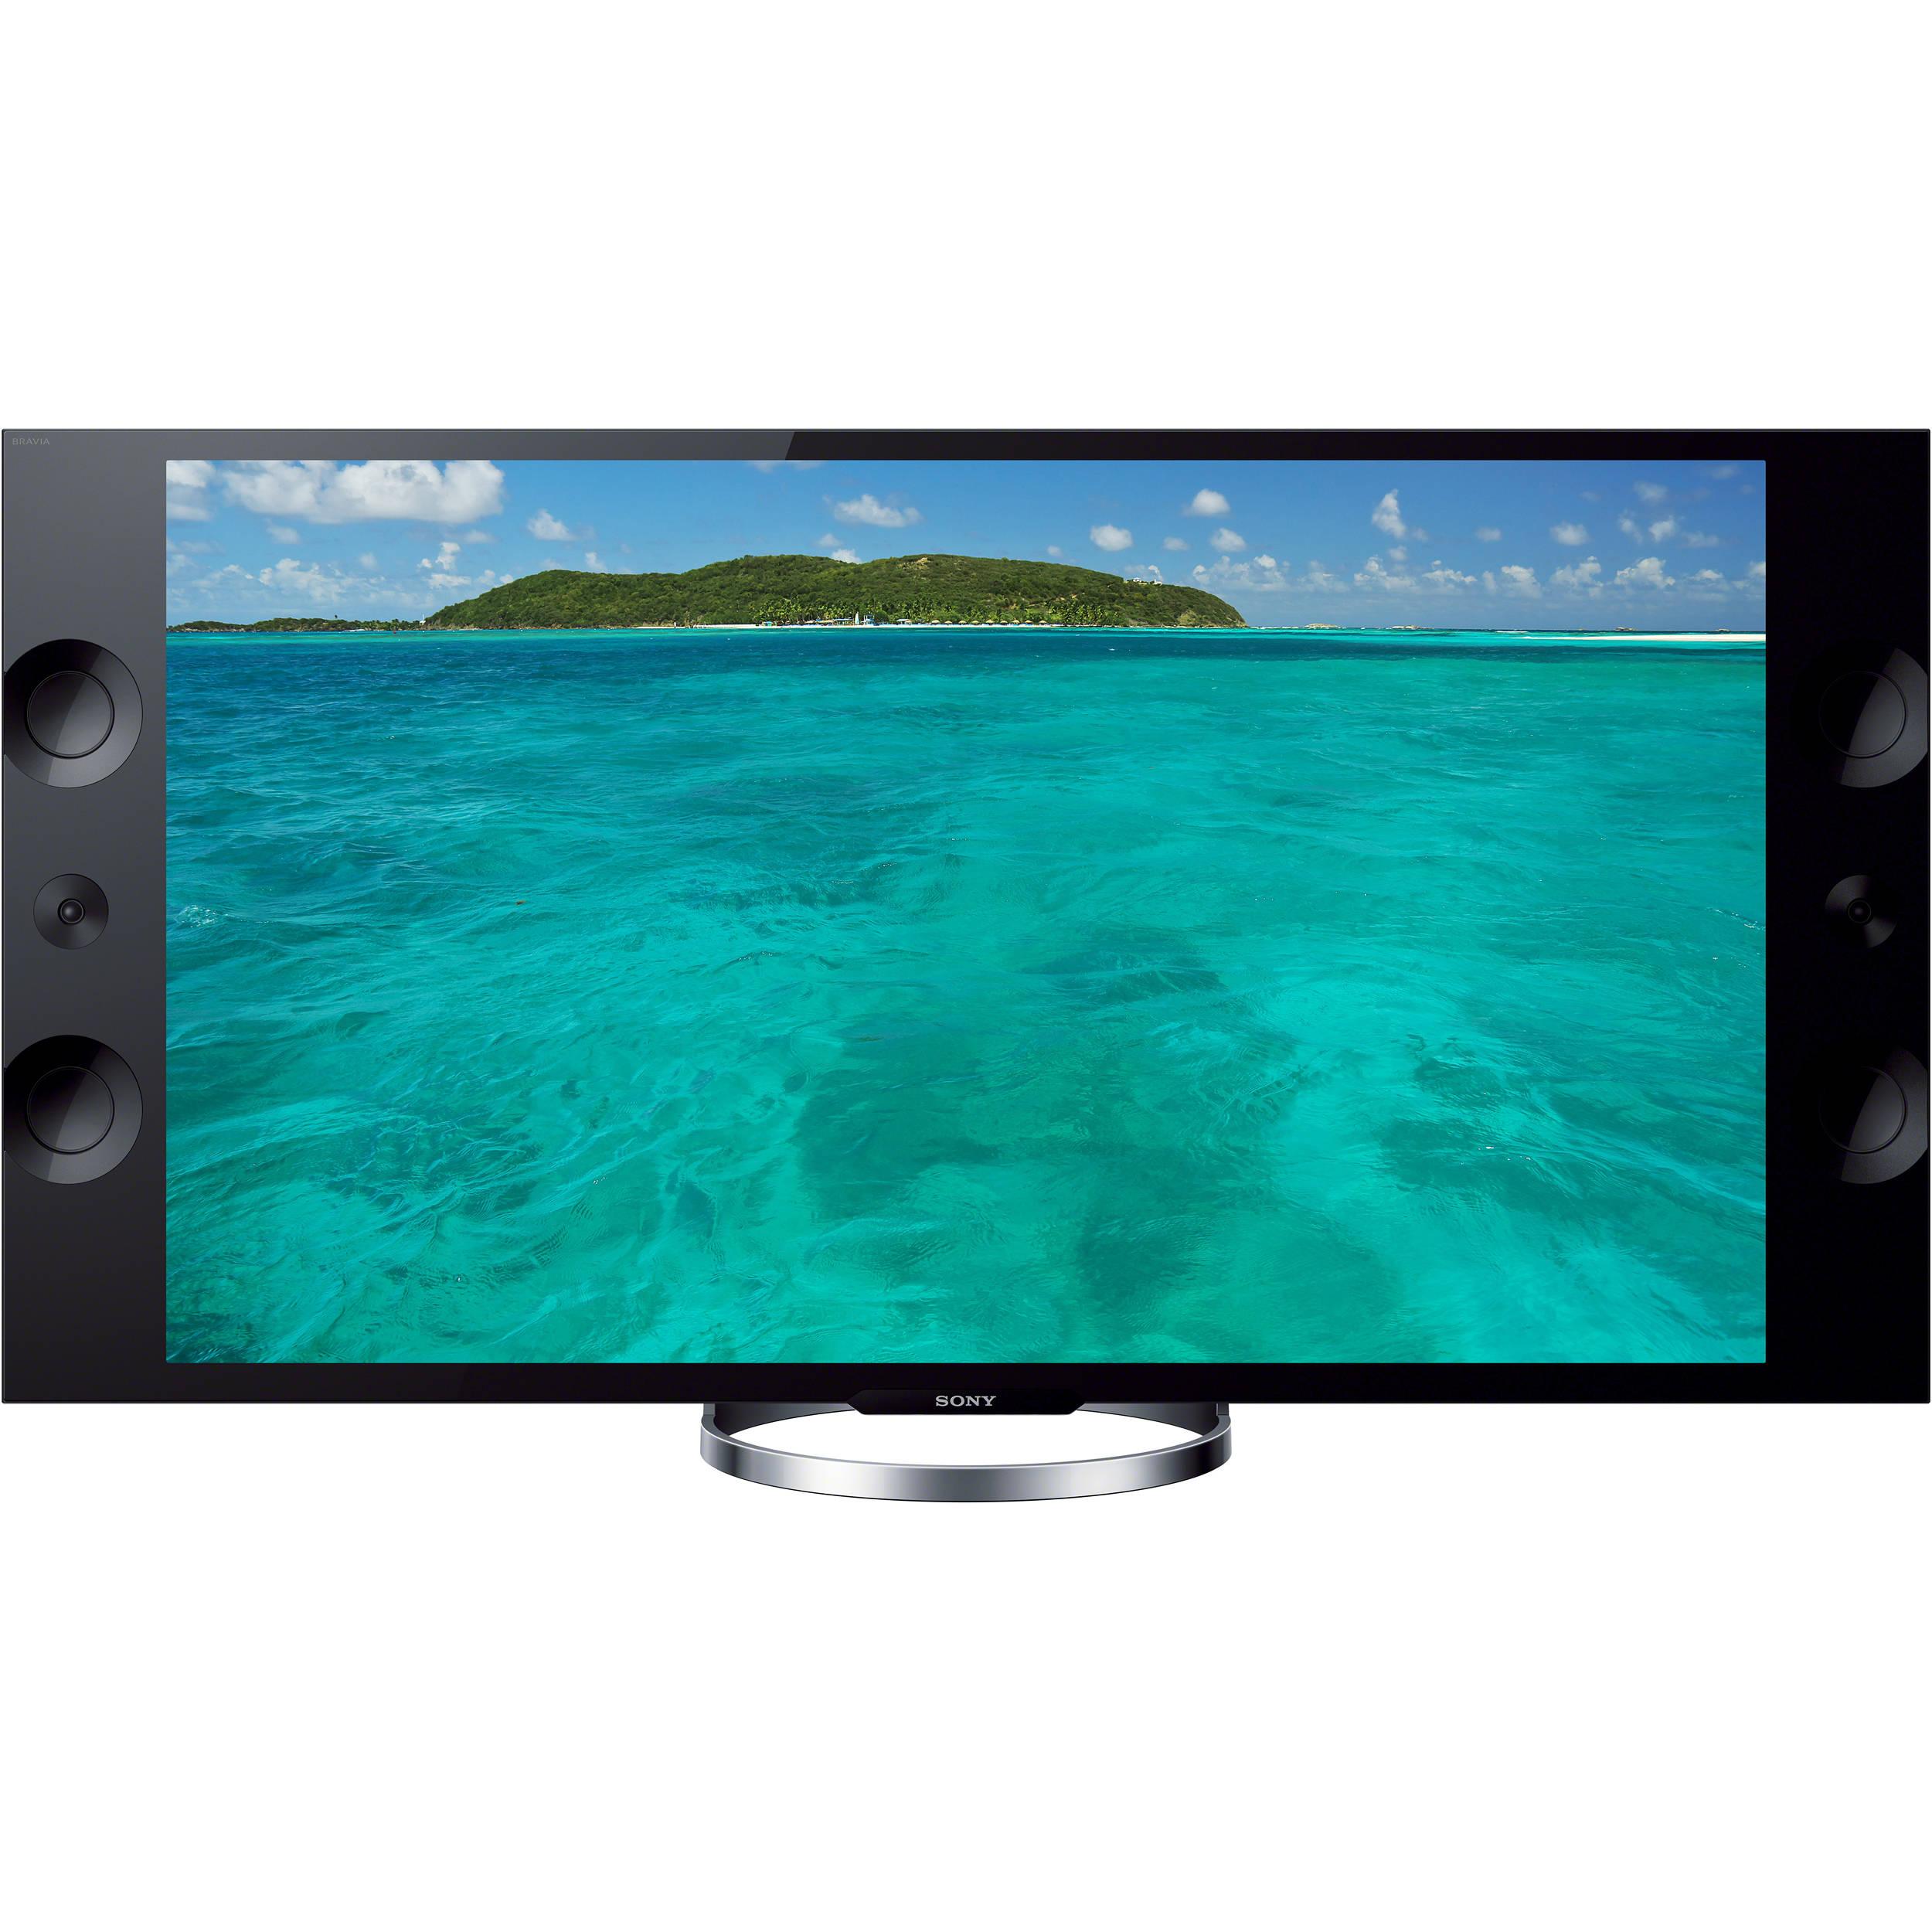 Sony XBR 55: Televisions | eBay